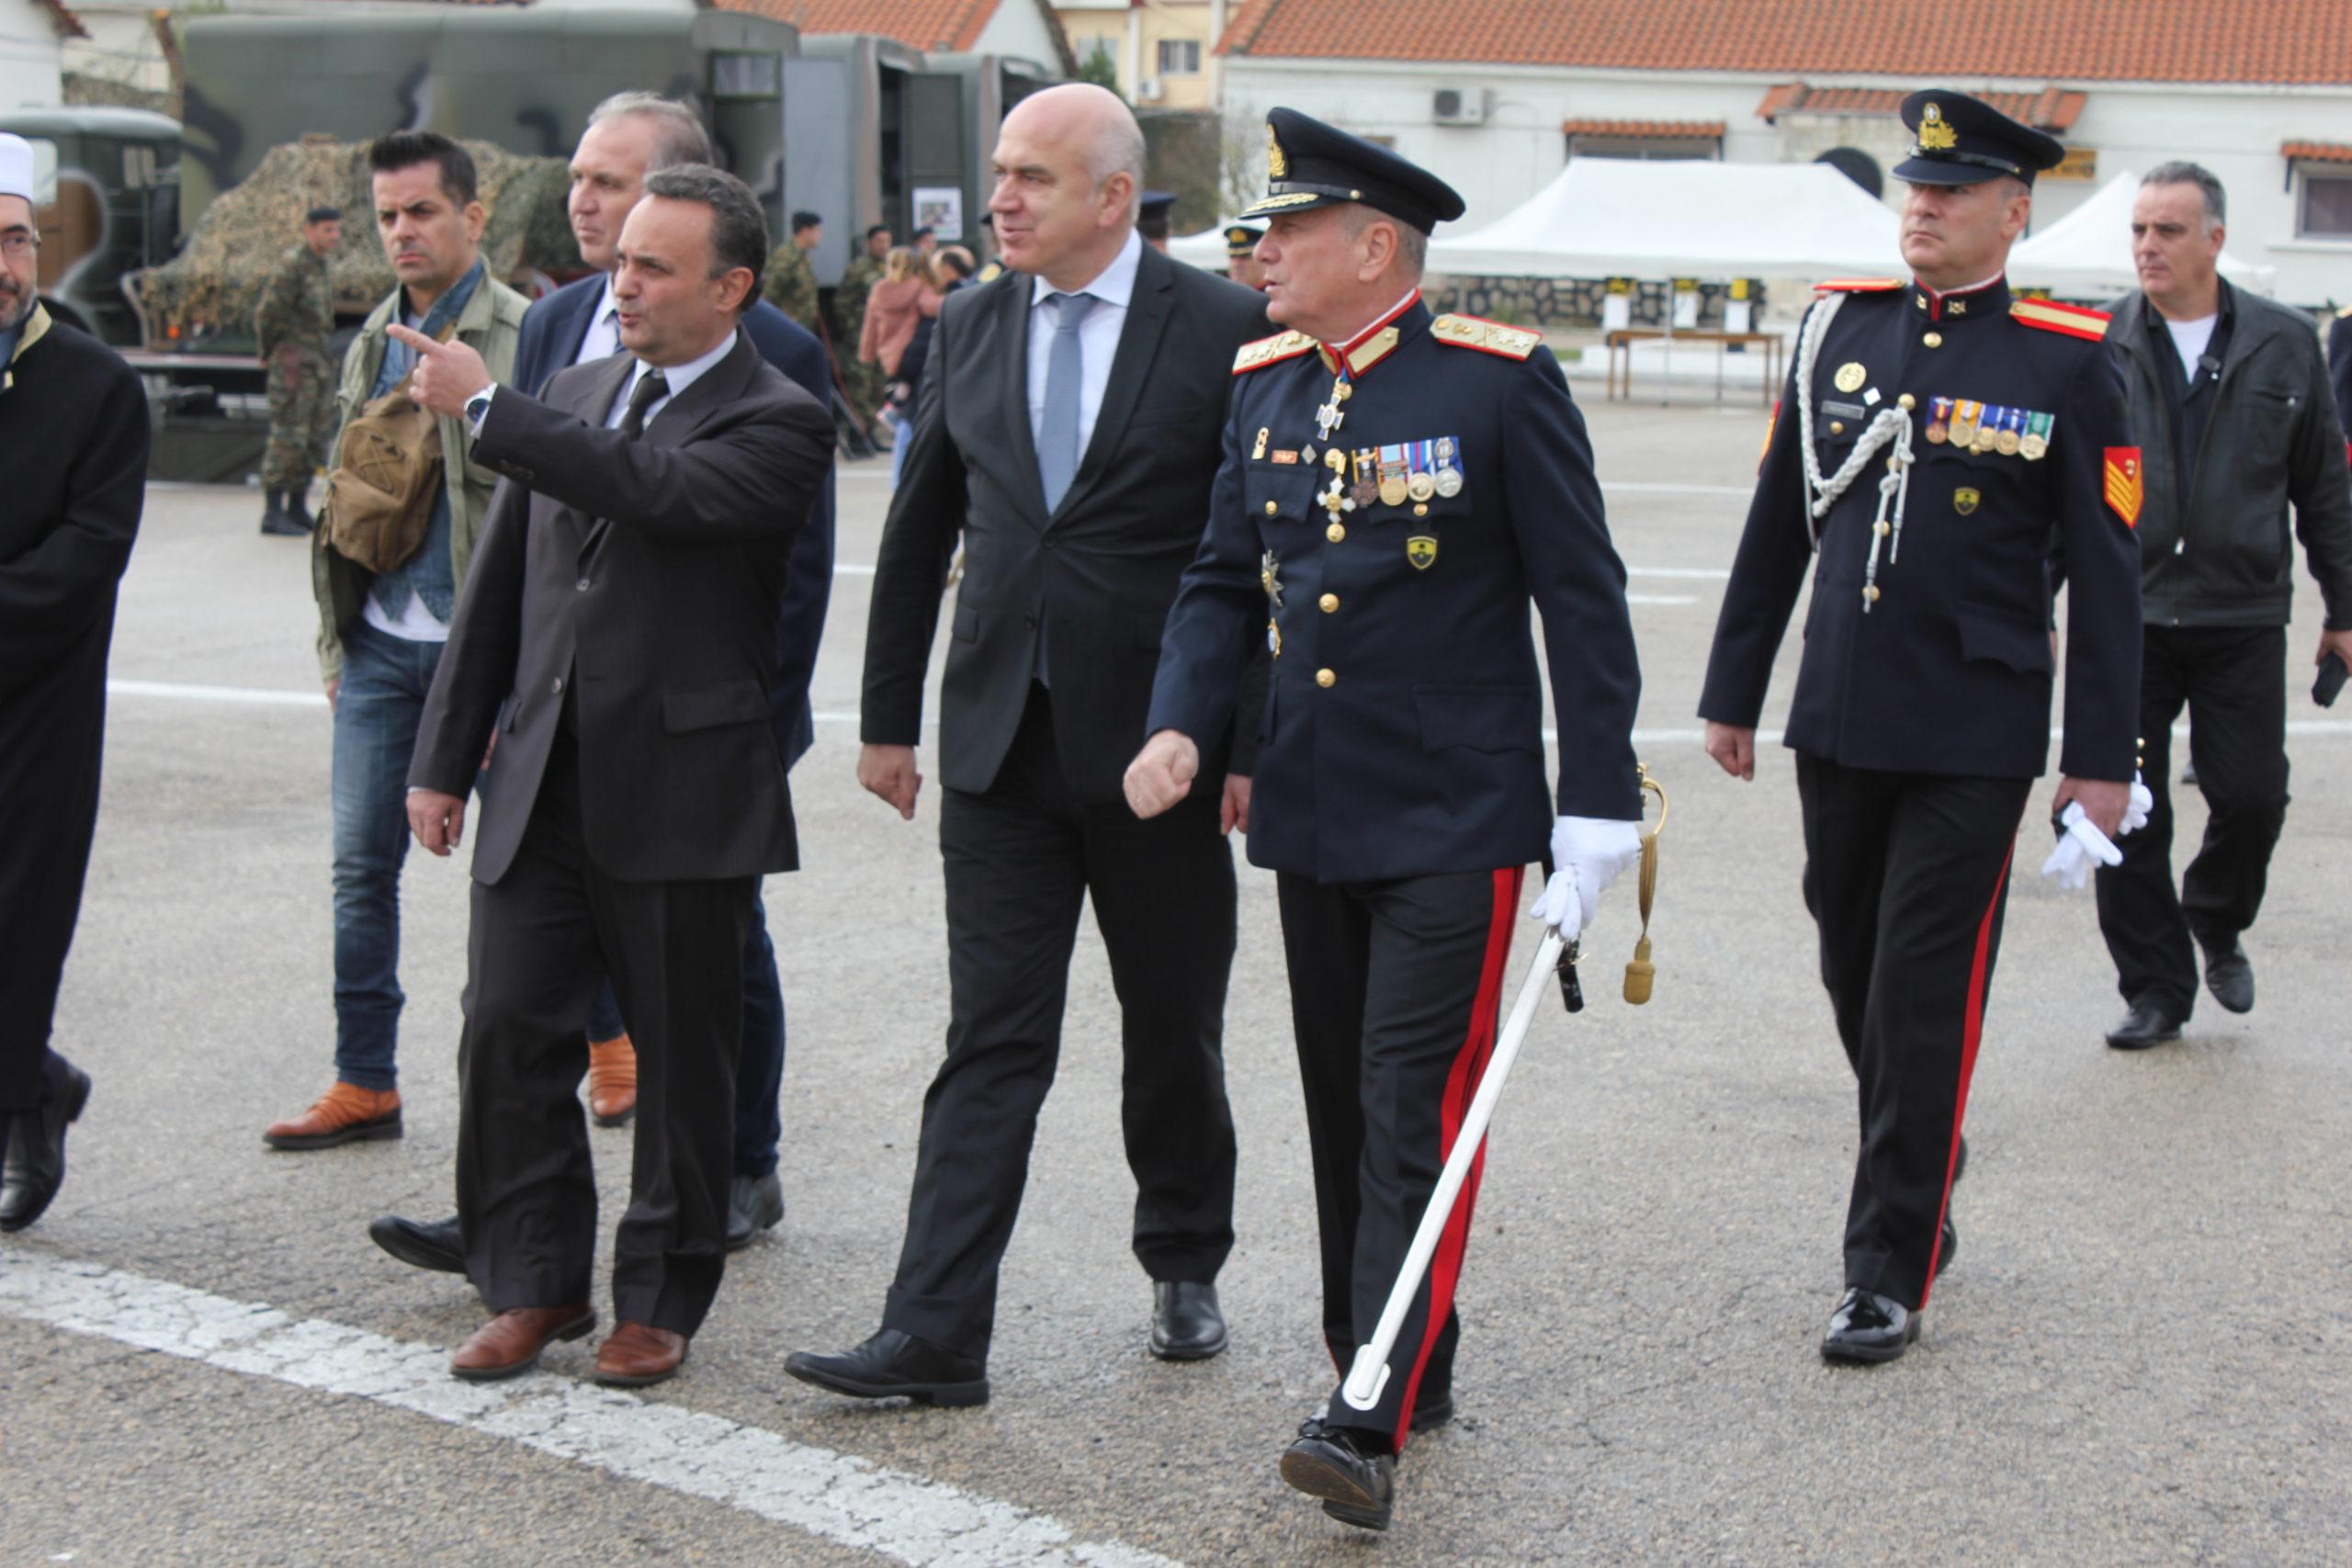 Εορτασμός Ημέρας Ενόπλων Δυνάμεων στο Διδυμότειχο 21-11-2019